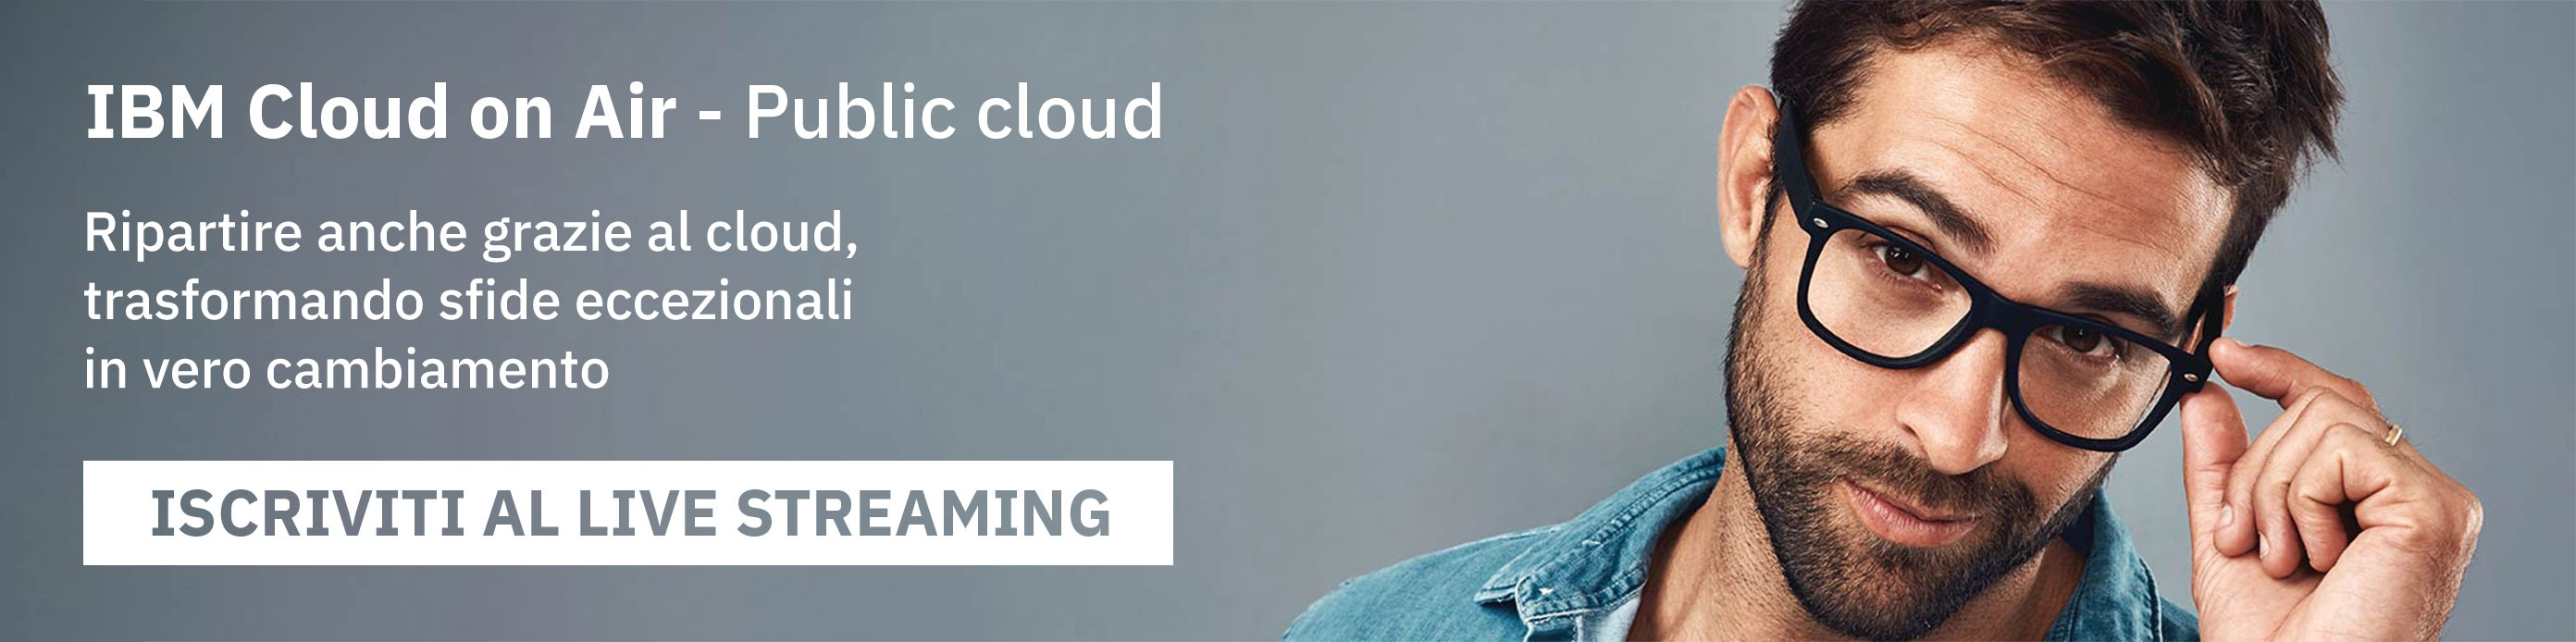 IBM Cloud on Air - Public Cloud